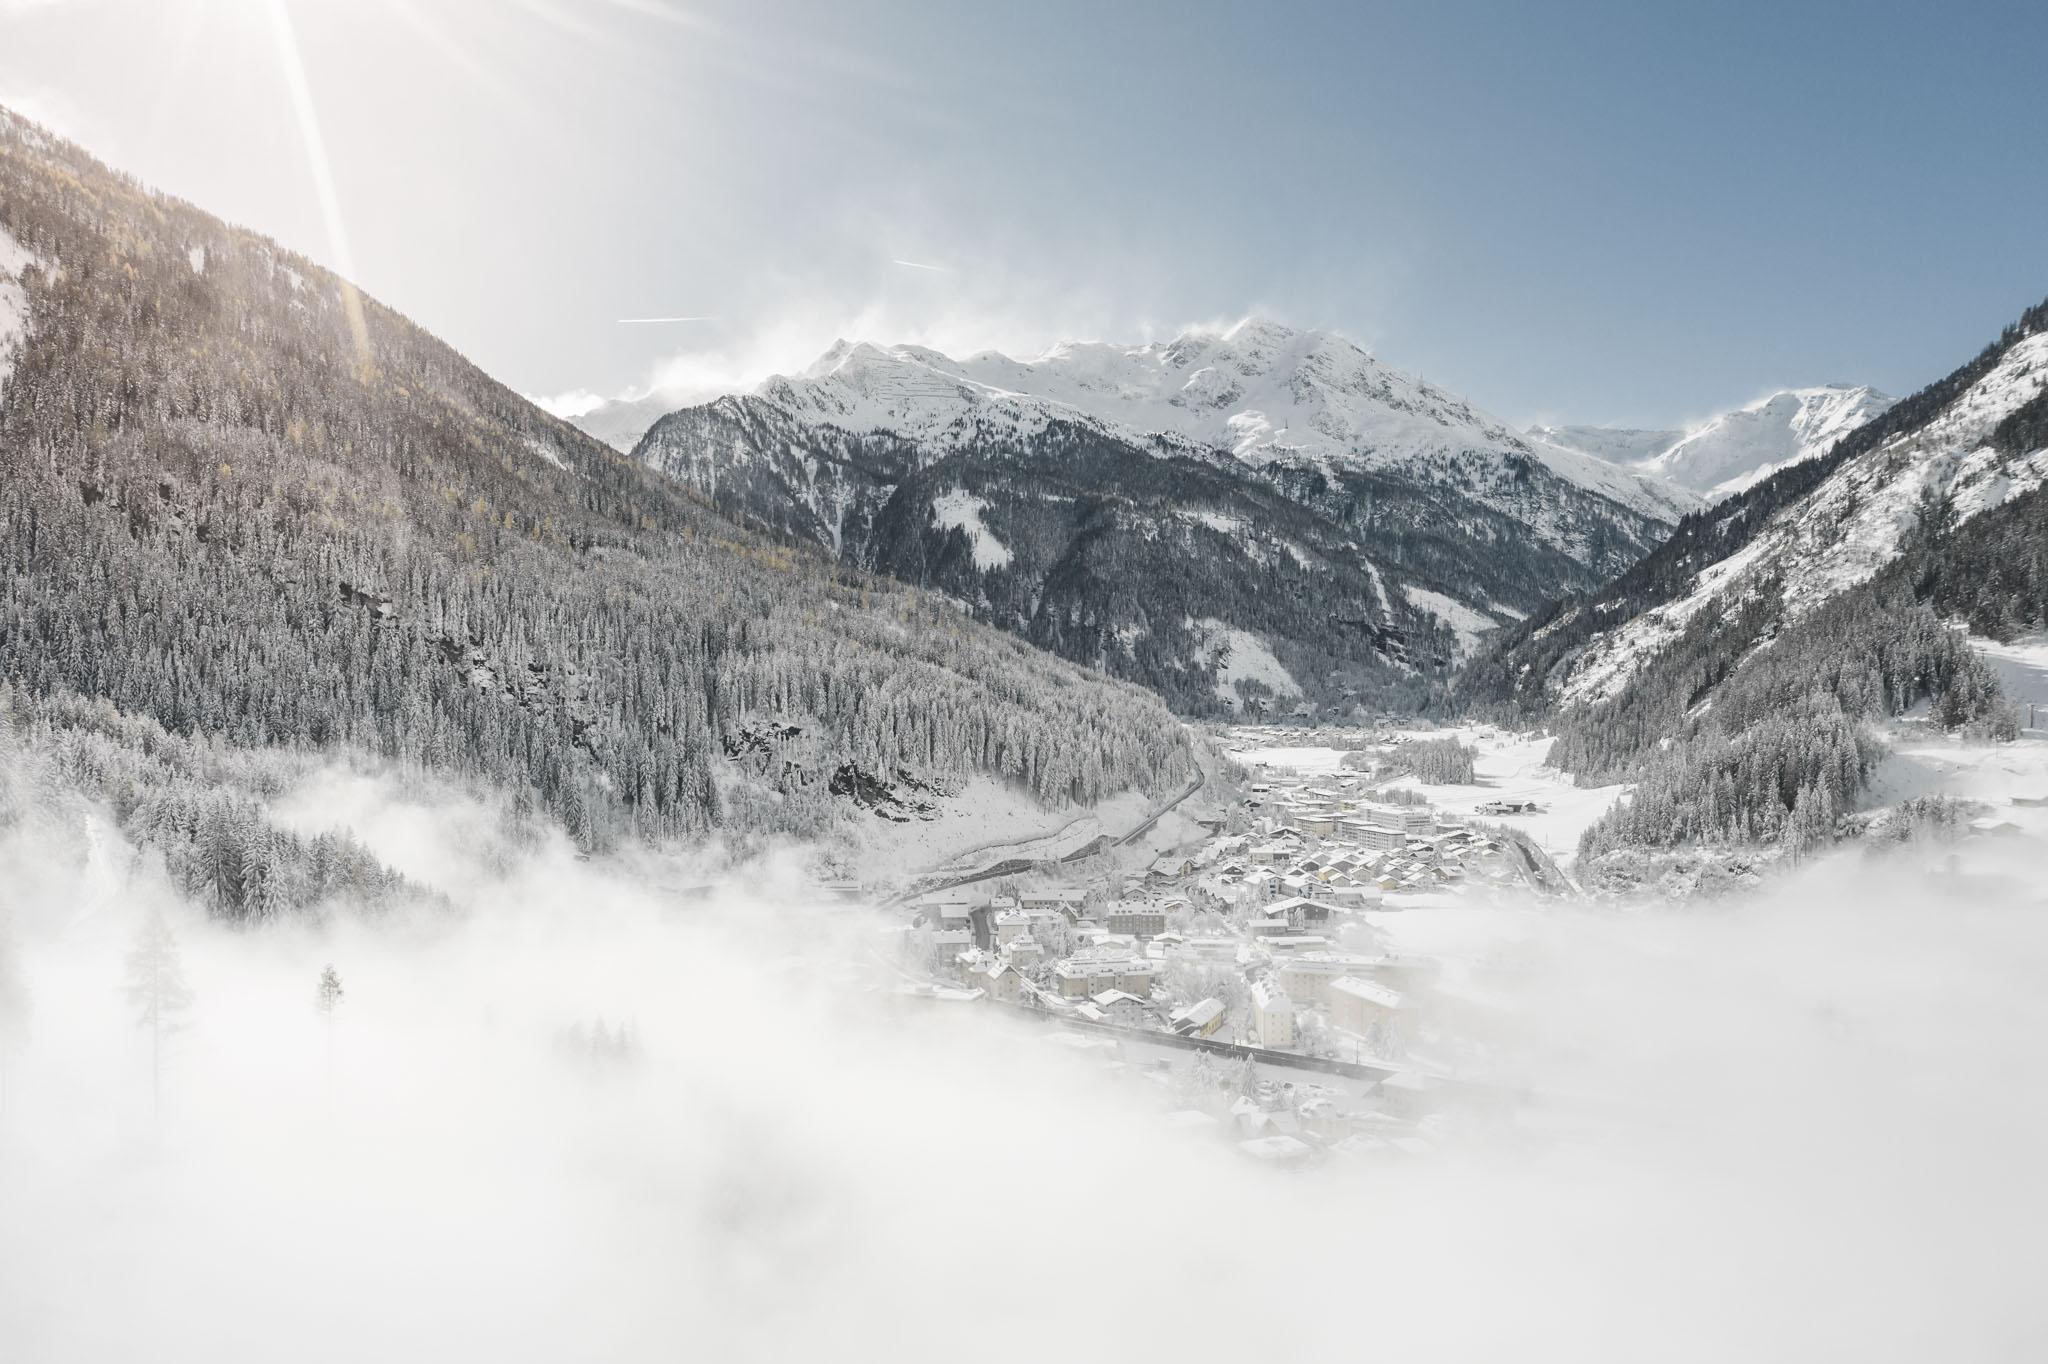 Winter in Gastein © Gasteinertal Tourismus GmbH, Marktl Photography